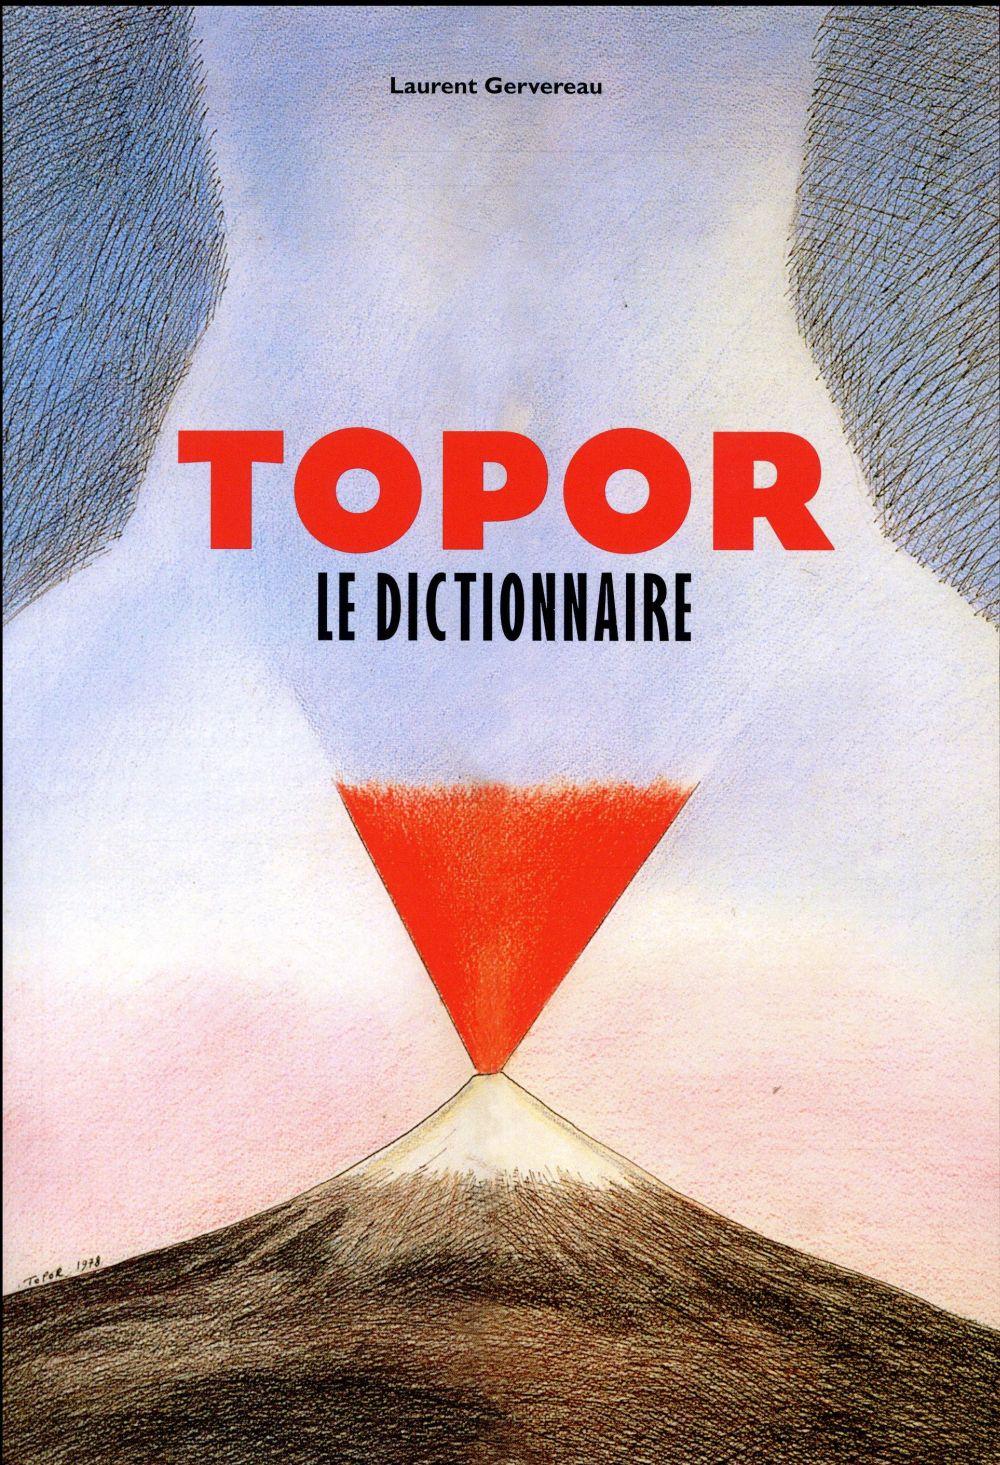 Topor, le dictionnaire